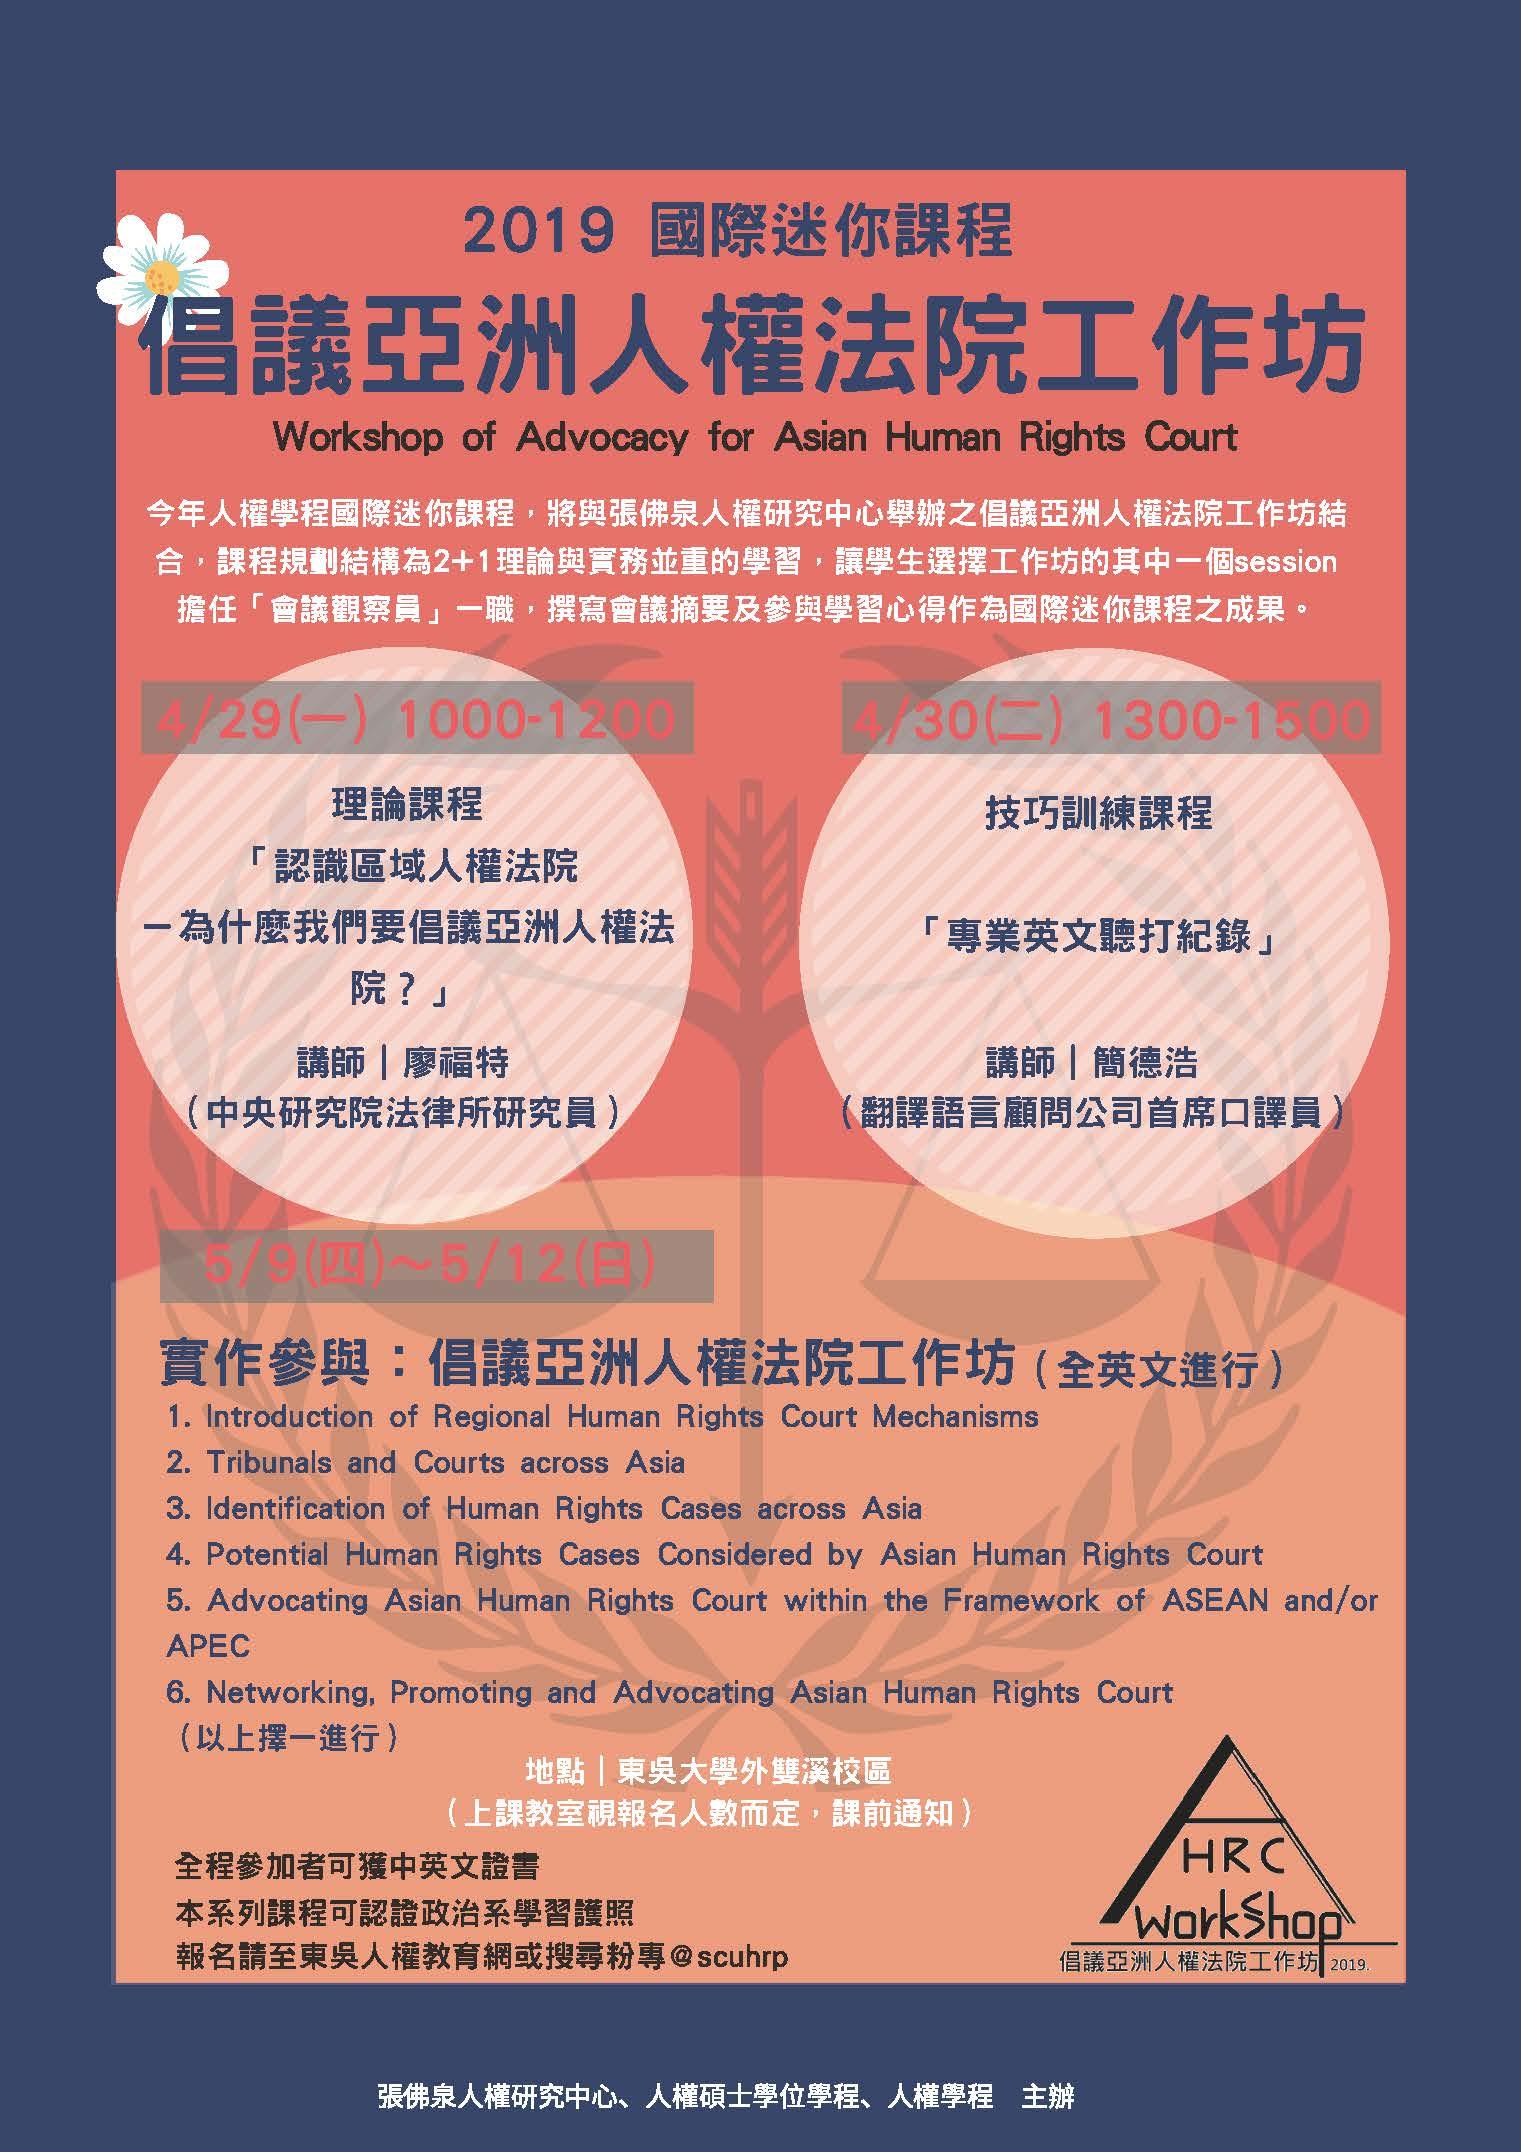 2019國際迷你課程:倡議亞洲人權法院工作坊